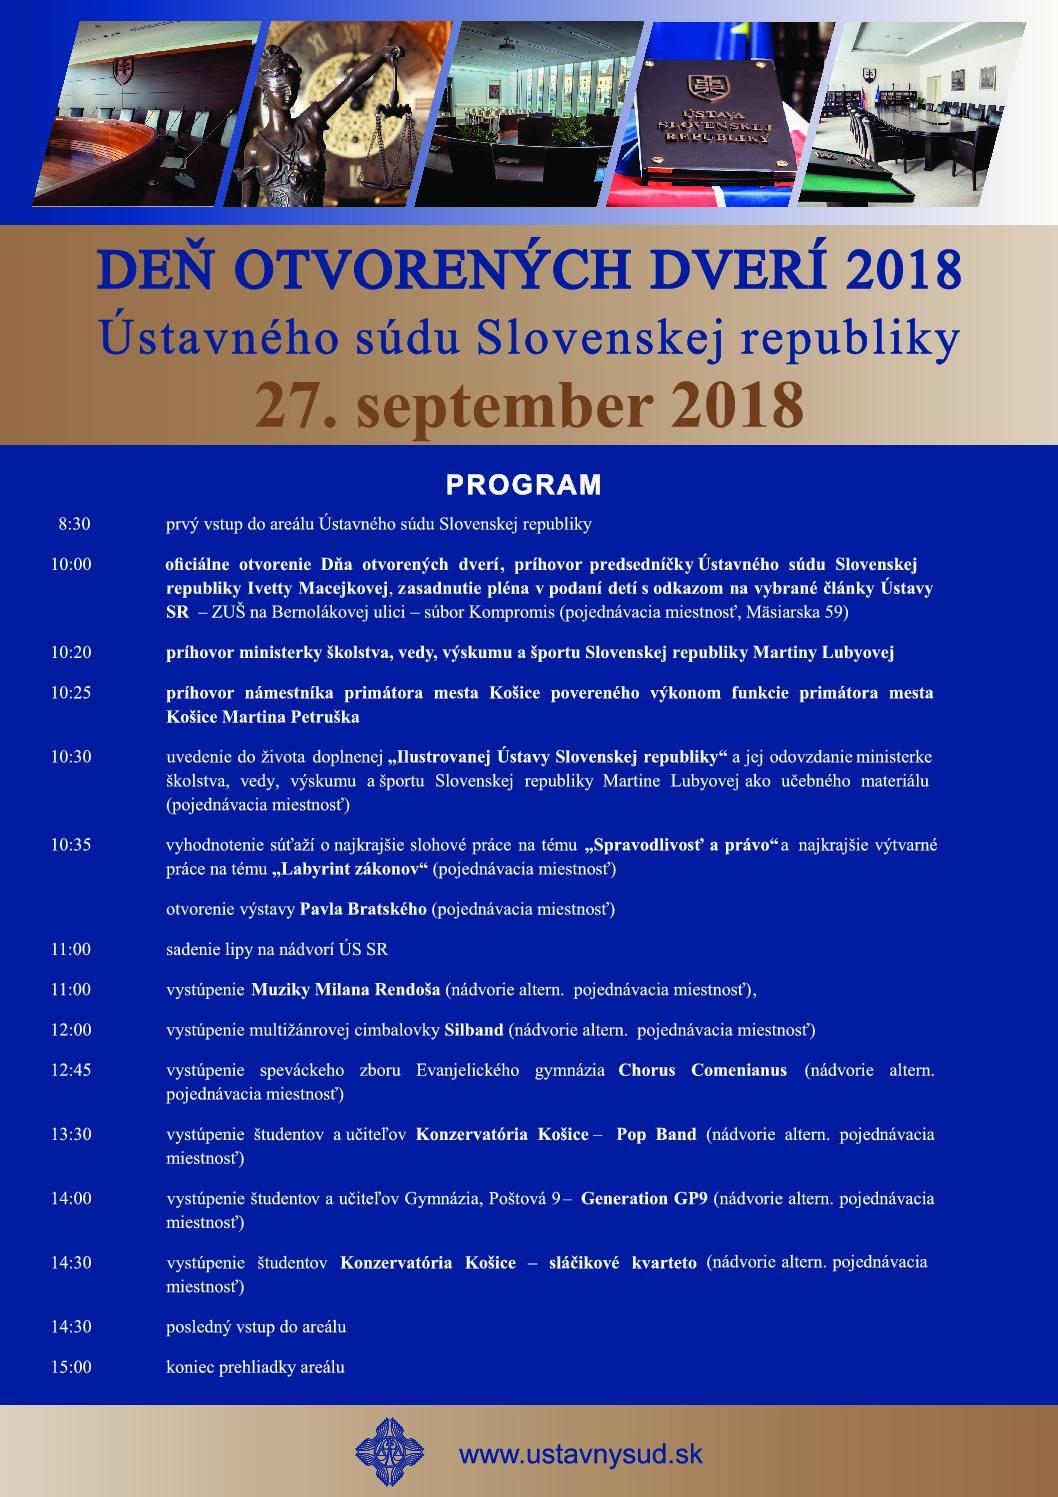 """Zaujíma vás, čo sa ukrýva za dverami Ústavného súdu Slovenskej republiky? Práve pre vás je potom určené podujatie """"Deň otvorených dverí Ústavného súdu Slovenskej republiky"""", ktoré sa uskutoční vo štvrtok 27. septembra od 10.00 hod.Cieľom akcie je vytvoriť každoročnú tradíciu sprístupnenia priestorov Ústavného súdu avytvoriť tým príležitosť na oboznámenie sa sjeho postavením a právomocami spôsobom […]"""